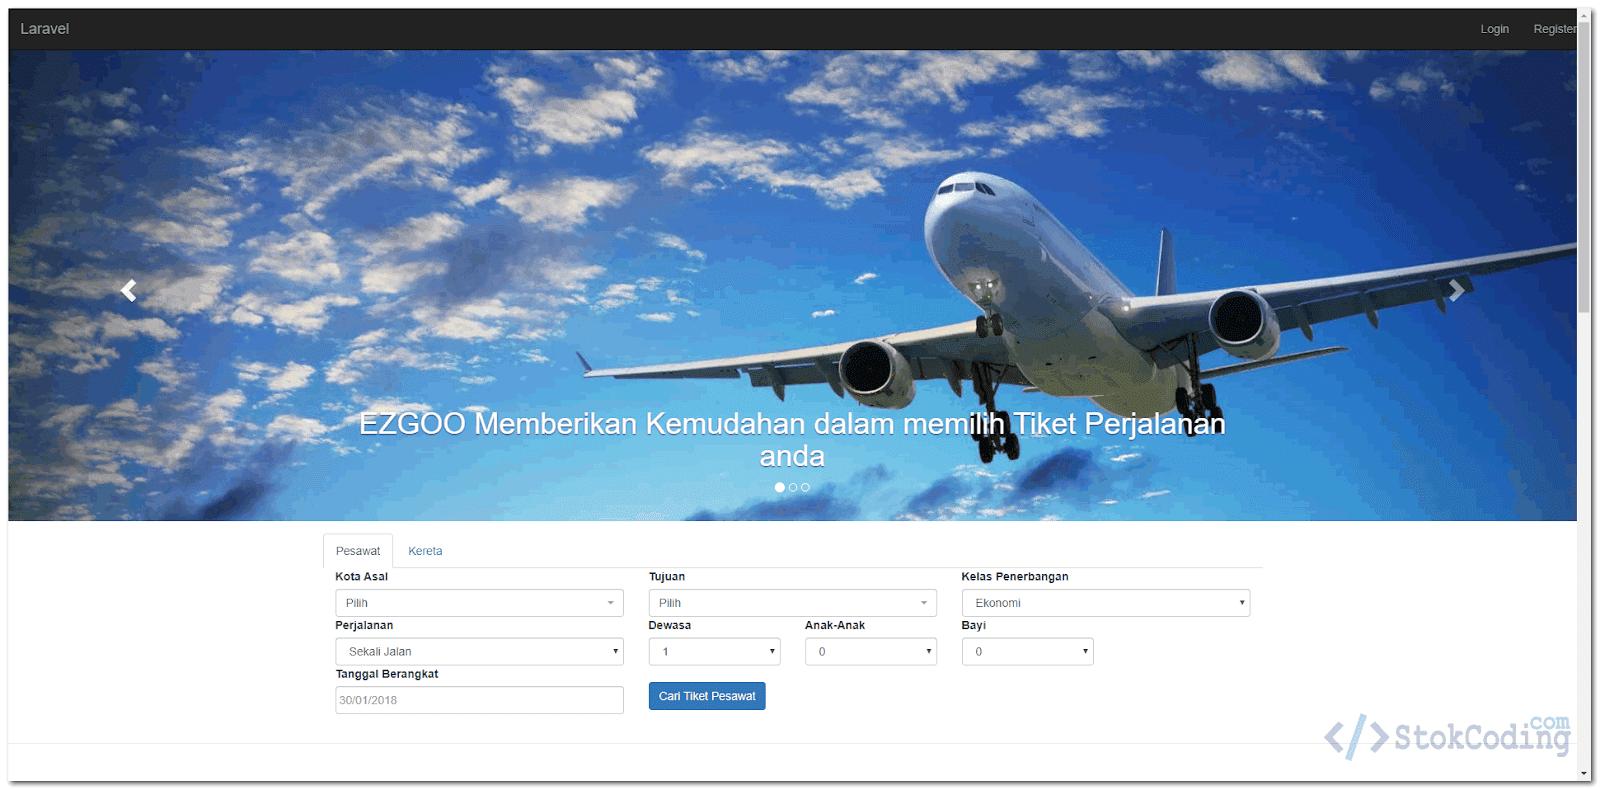 Aplikasi Web Booking Tiket Pesawat & Kereta (Laravel)